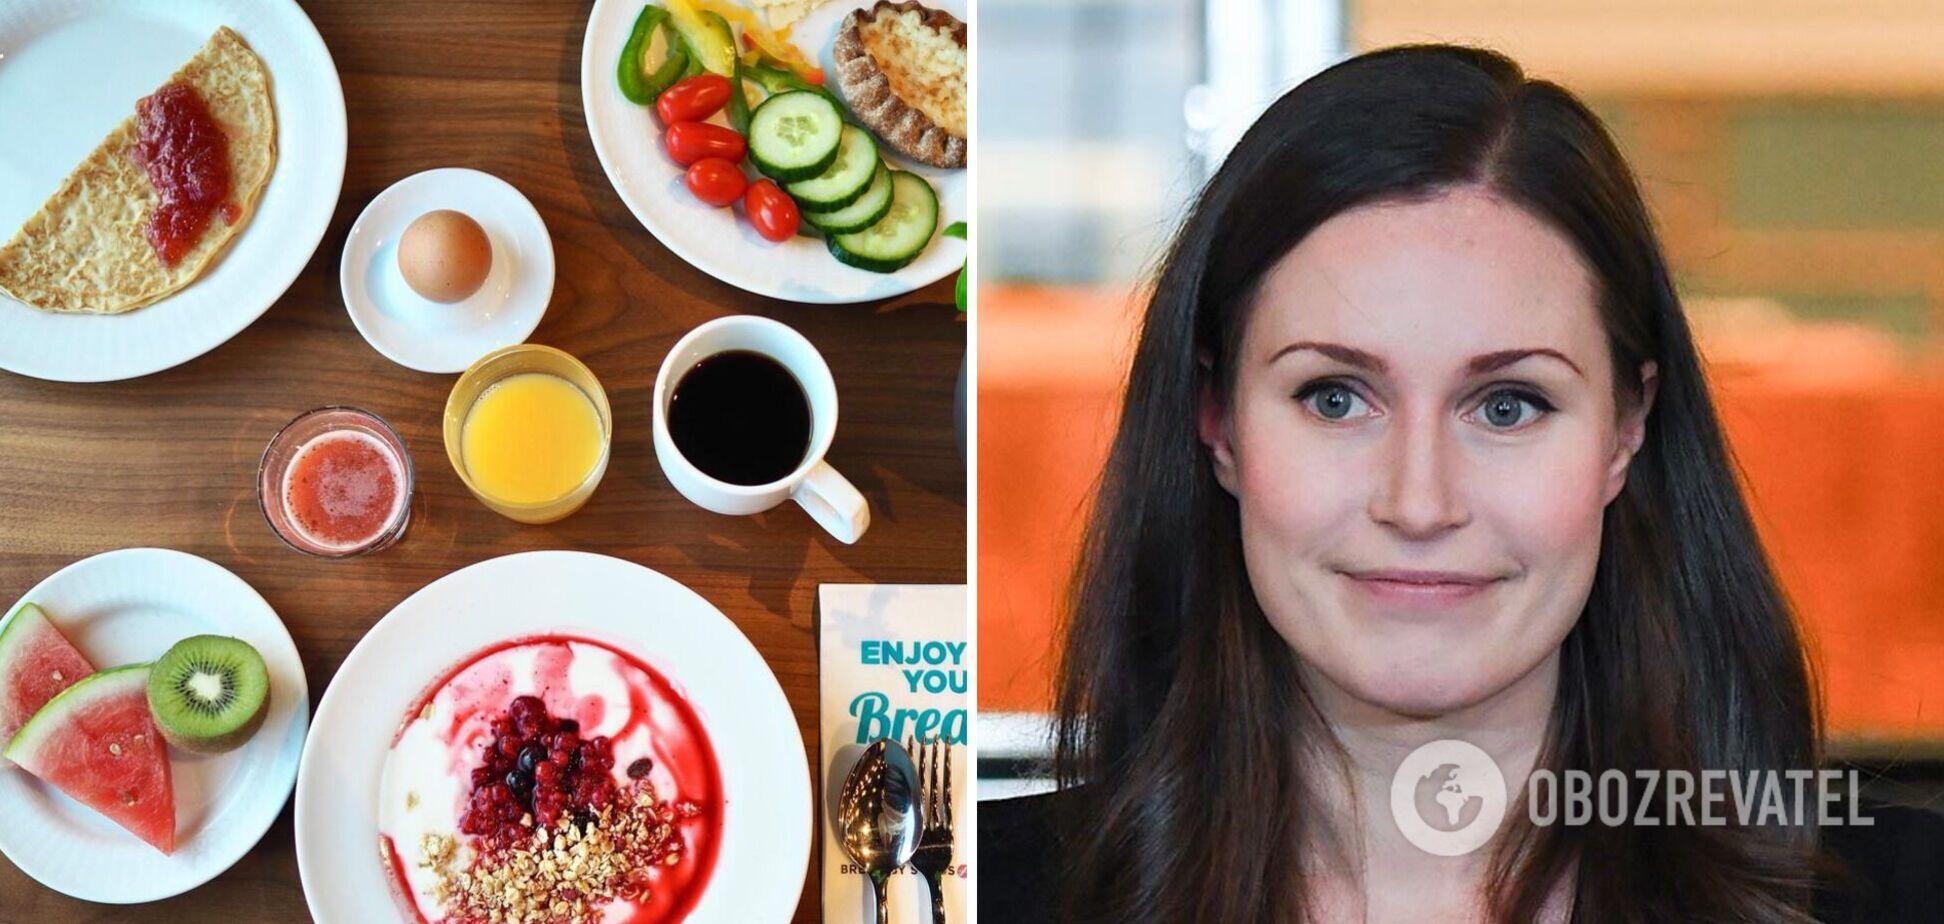 Прем'єр Фінляндії після скандалу погодилася оплачувати €300 на місяць на сніданки